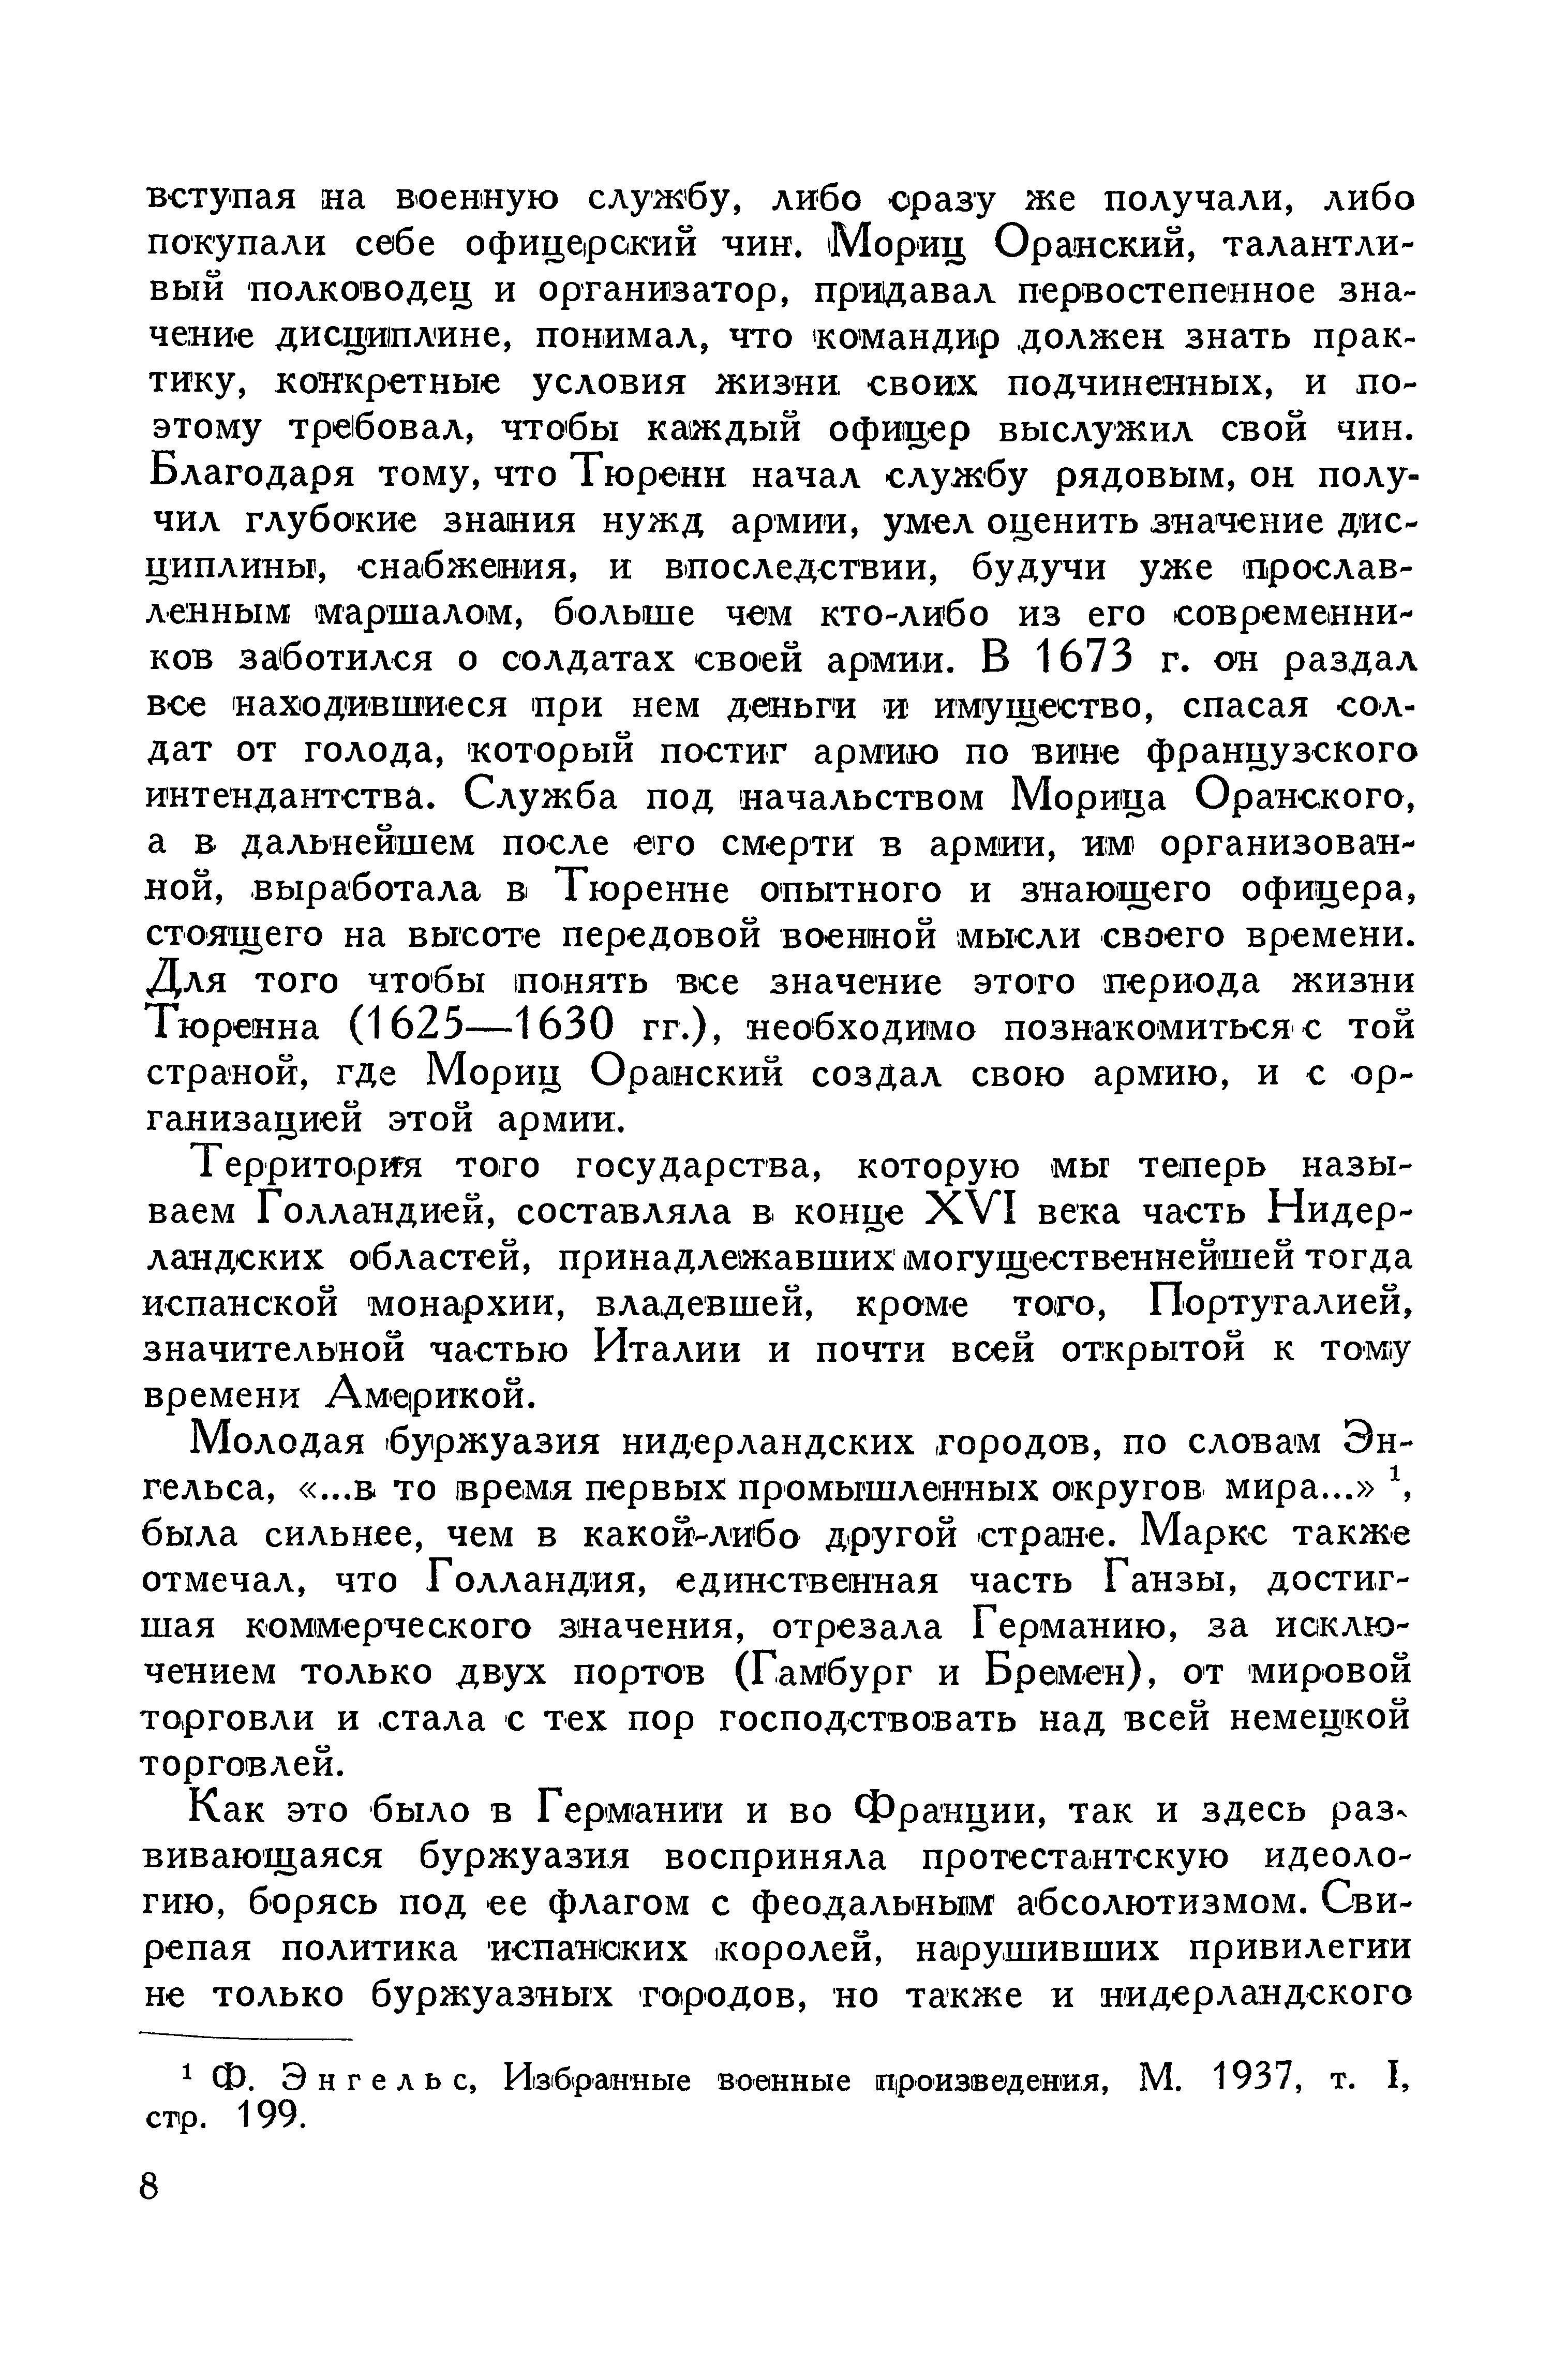 Тюренн - А.Рутченко, М.Тубянский 3.jpg